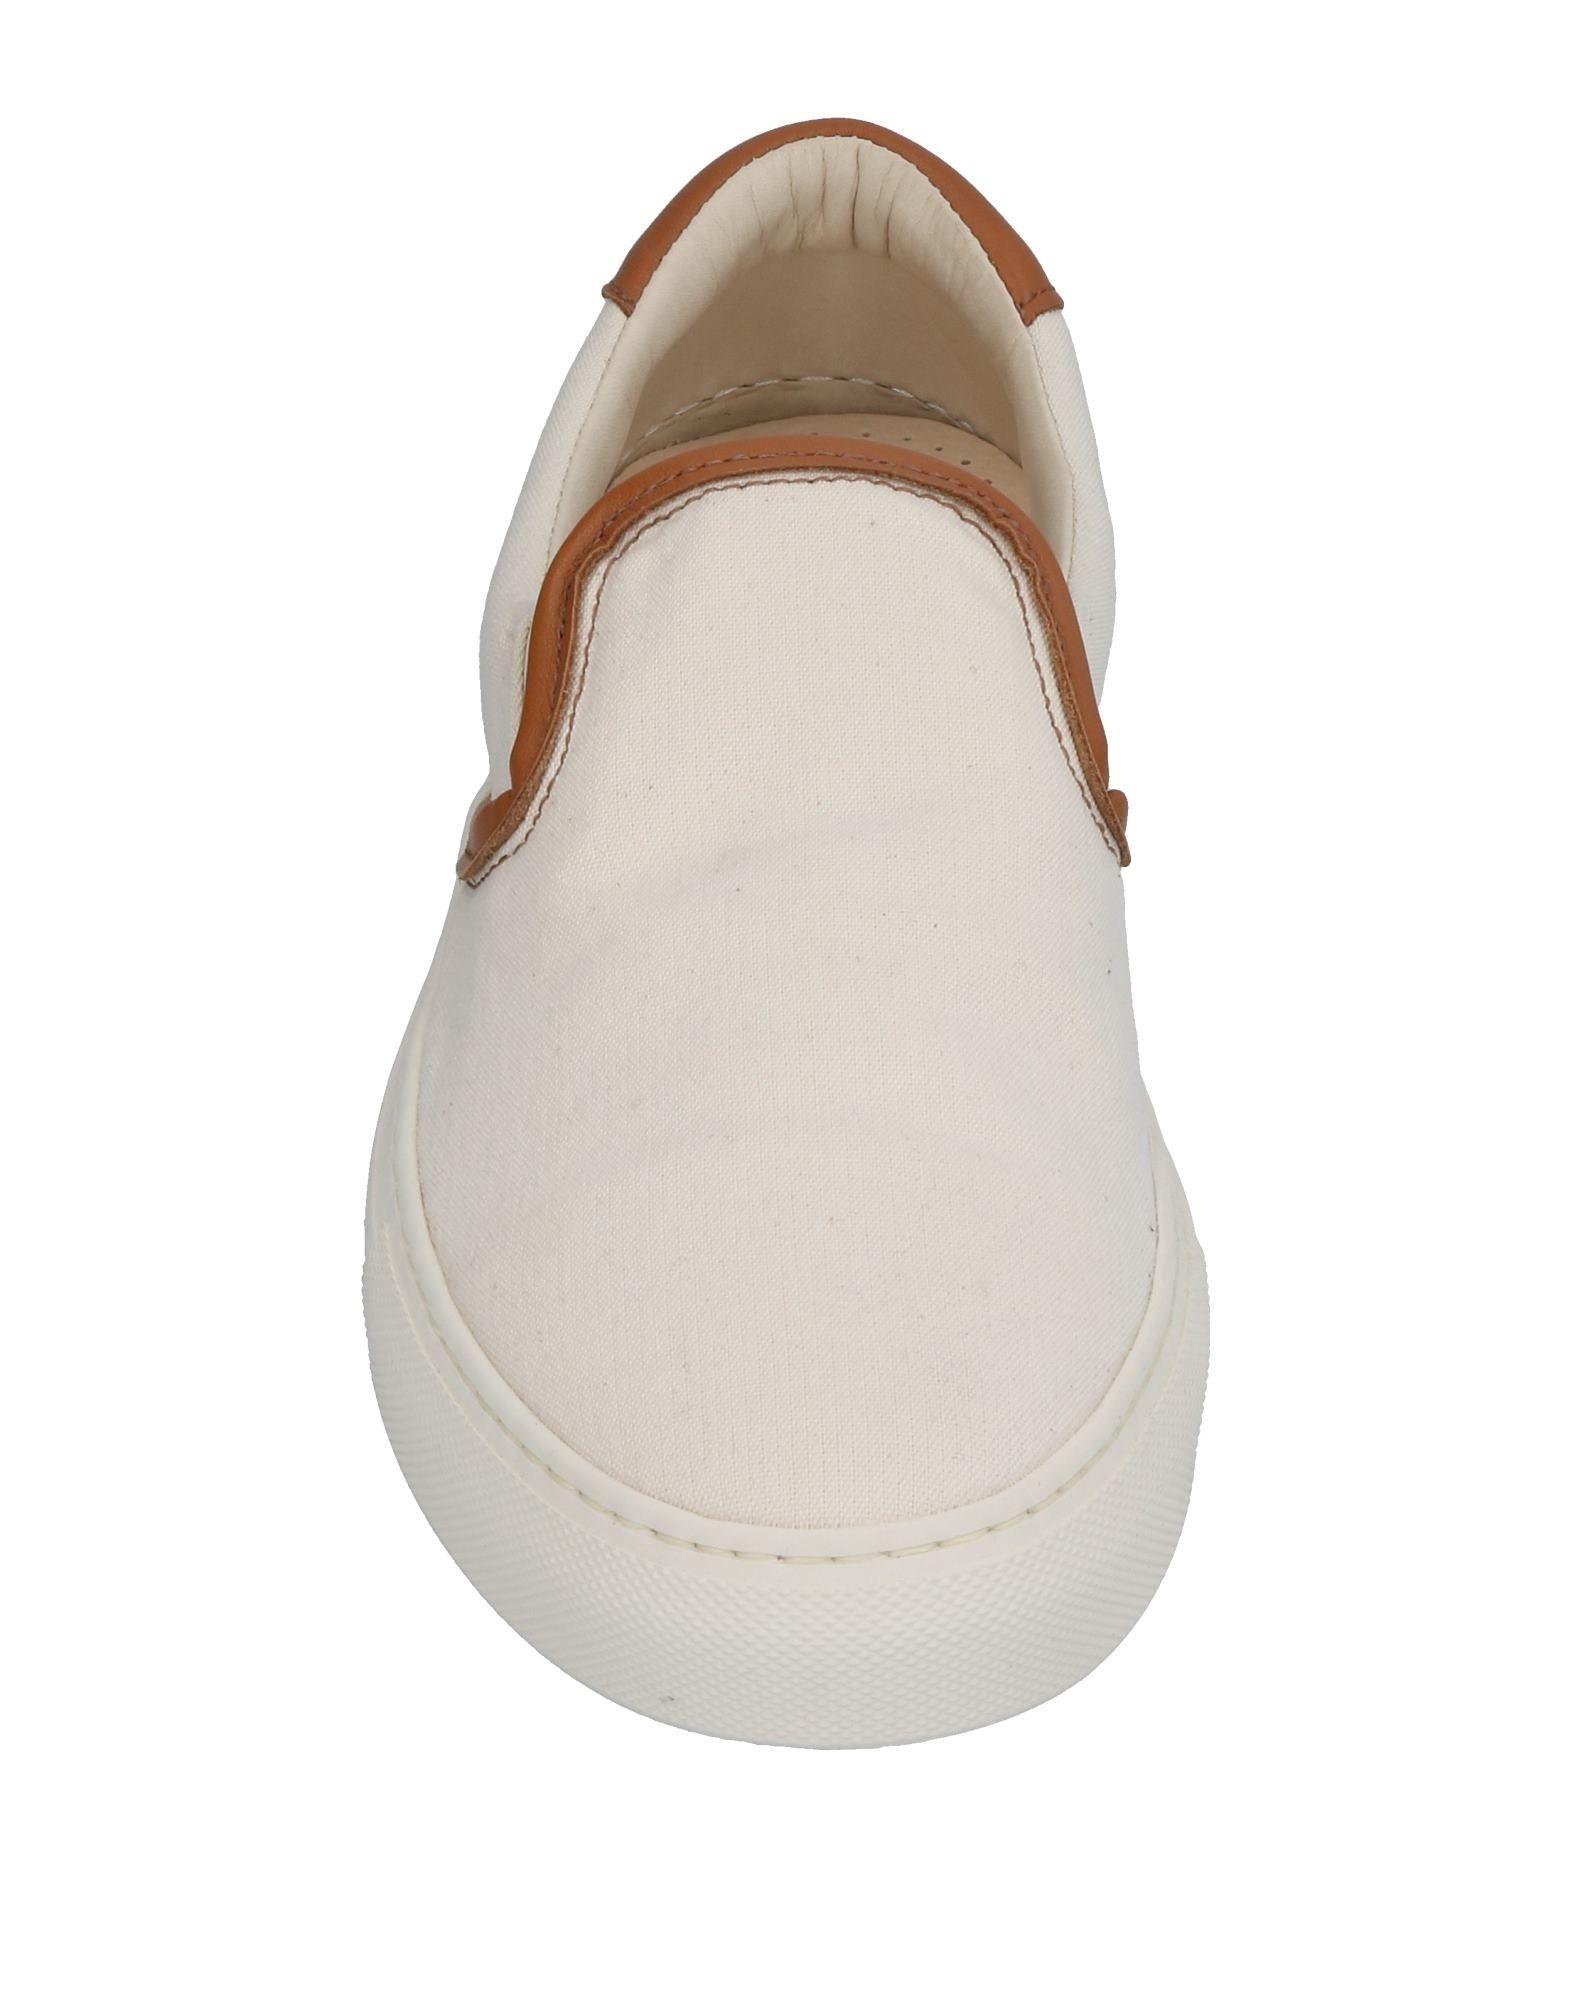 Diemme Herren Sneakers Herren Diemme  11379462MM Heiße Schuhe 63d483